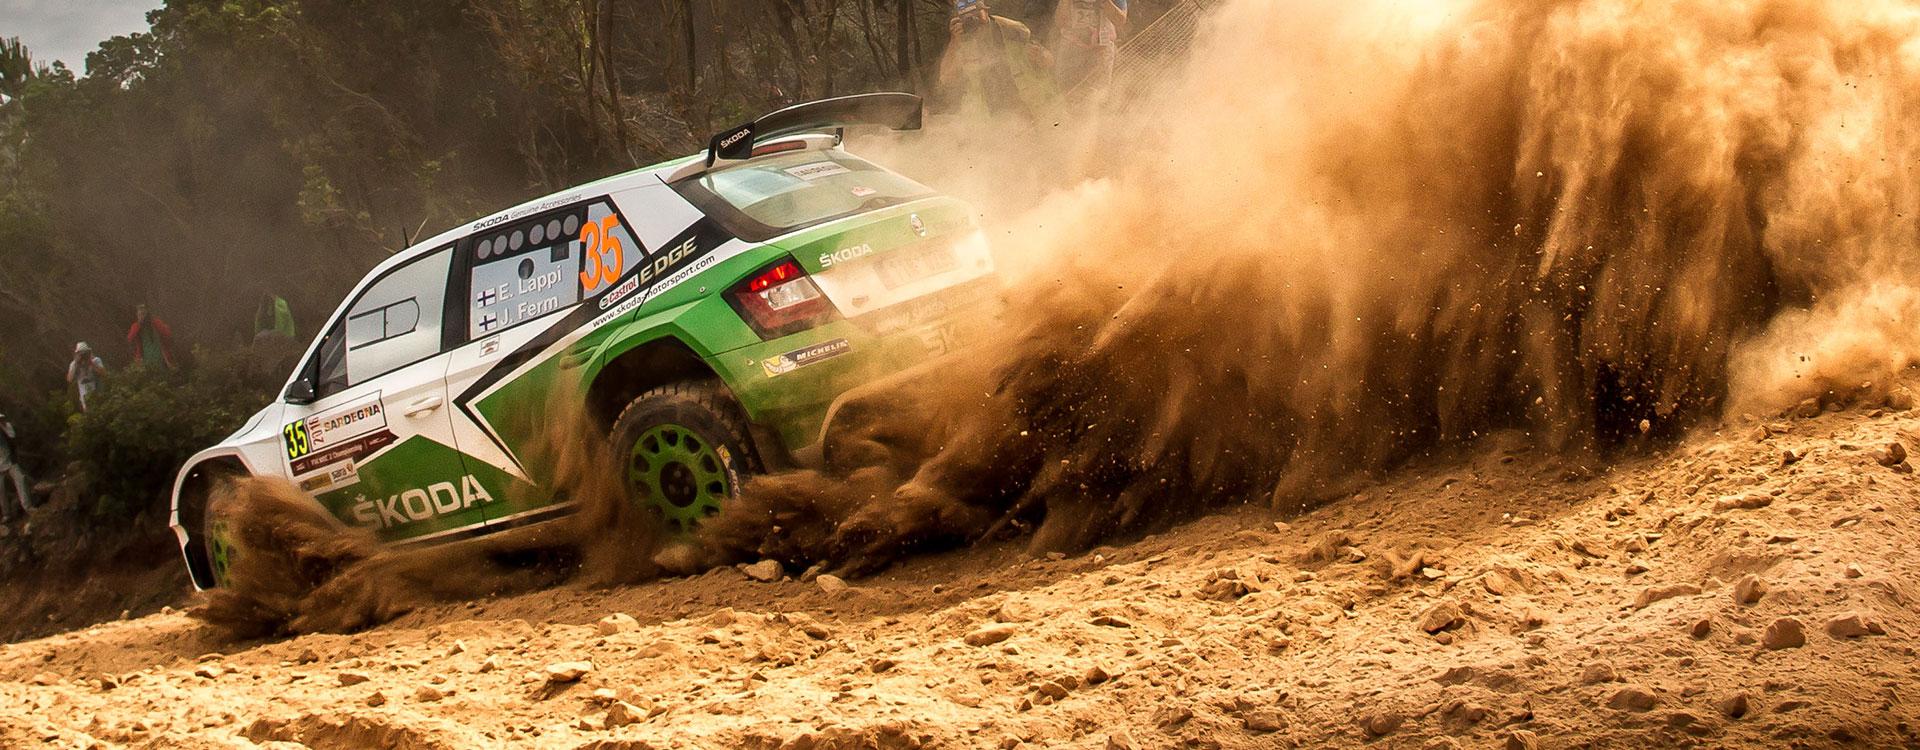 WRC Austrálie: Lappi hodlá zabojovat o titul